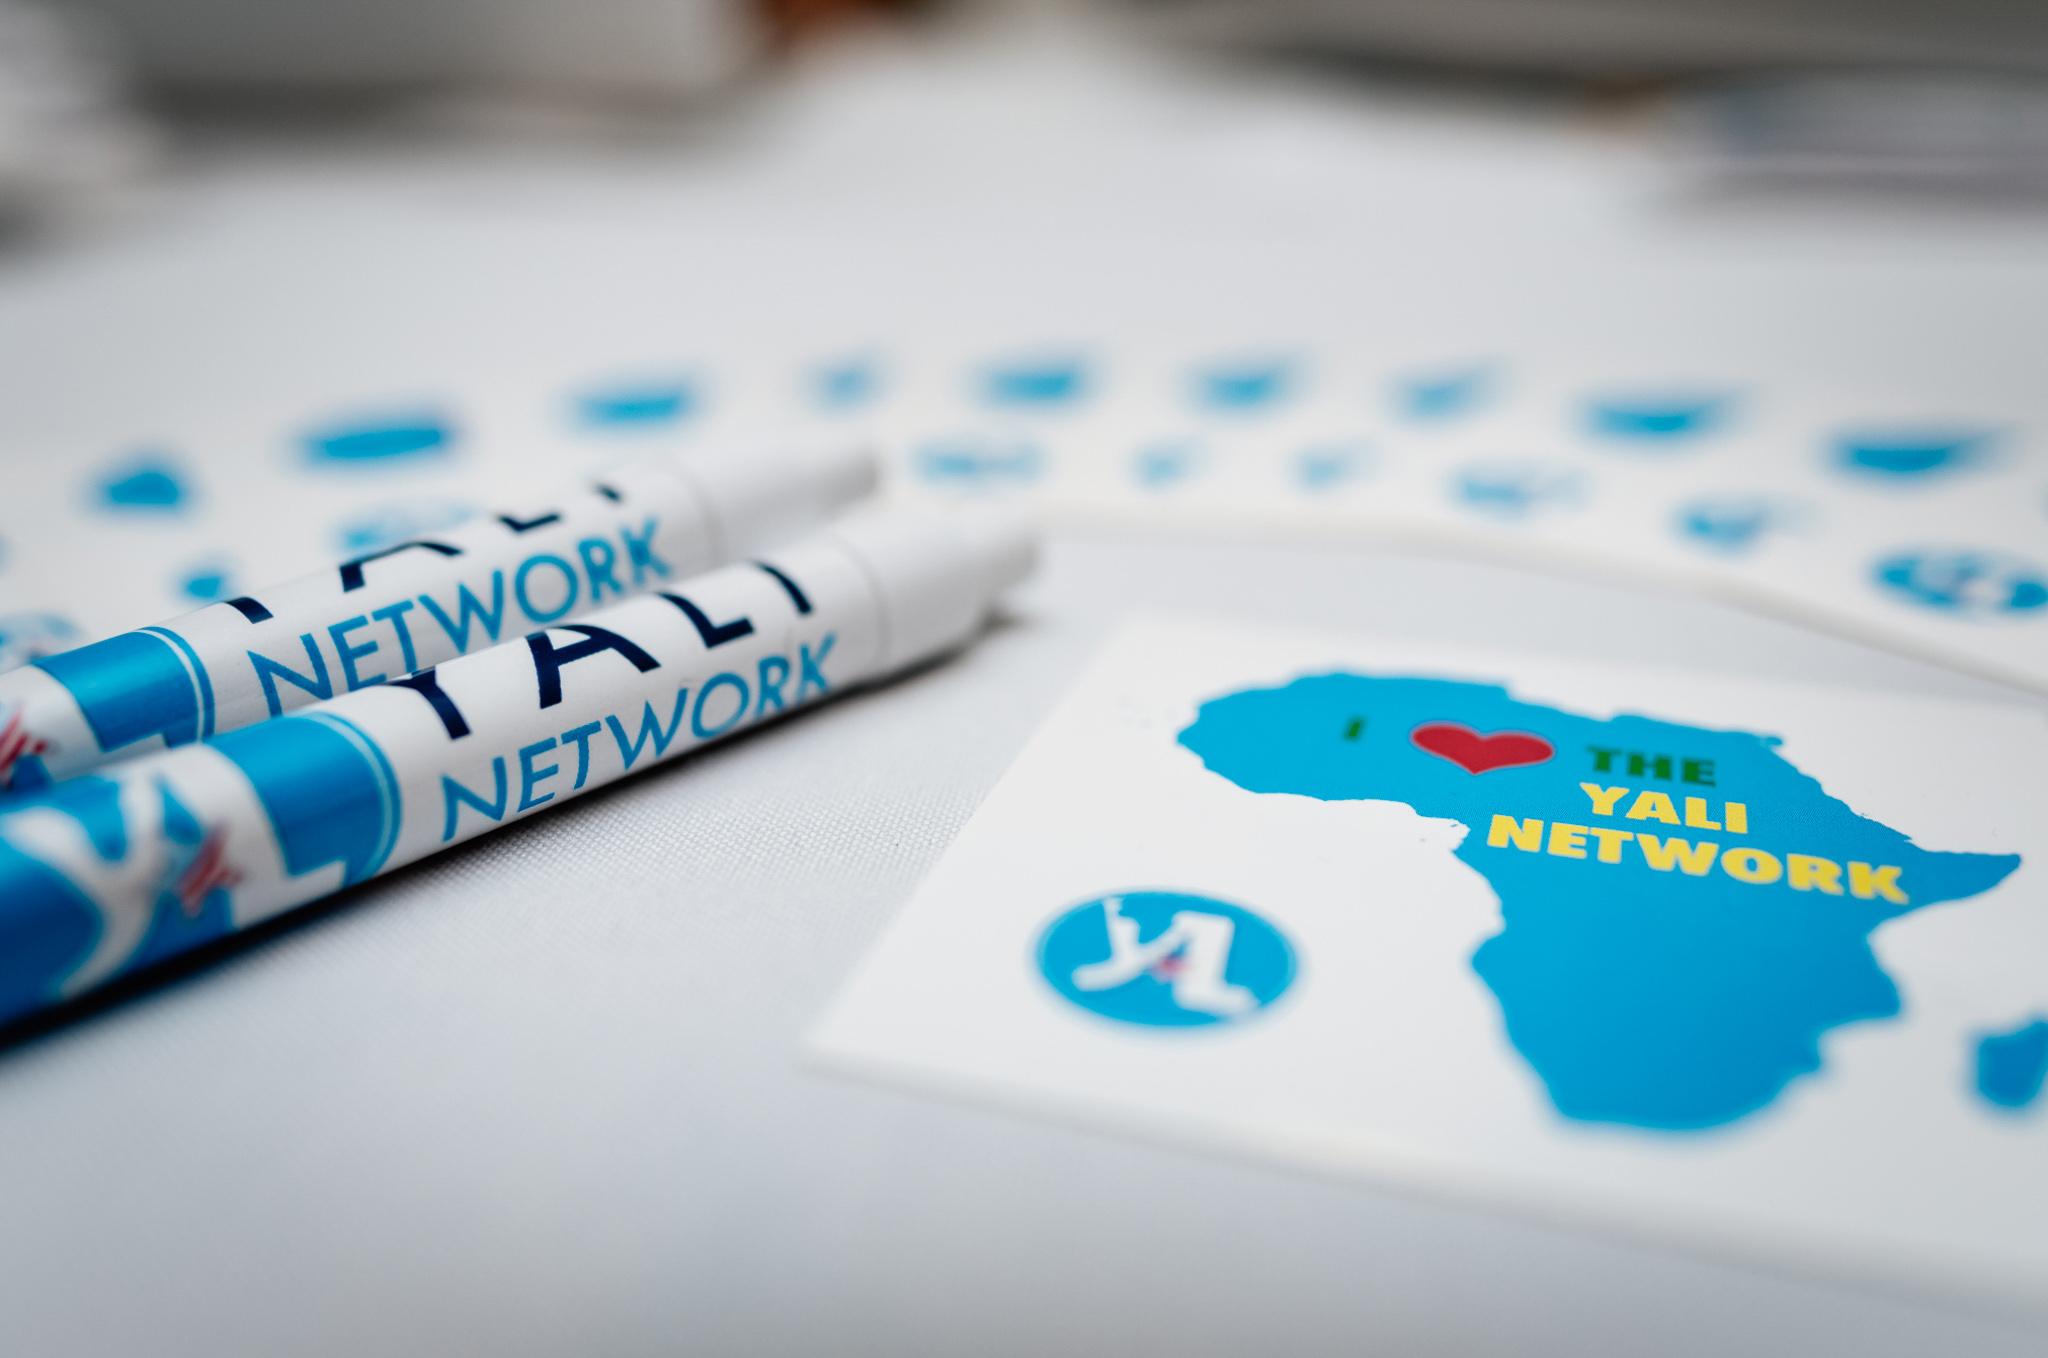 写有非洲青年领袖计划英文缩写的文具